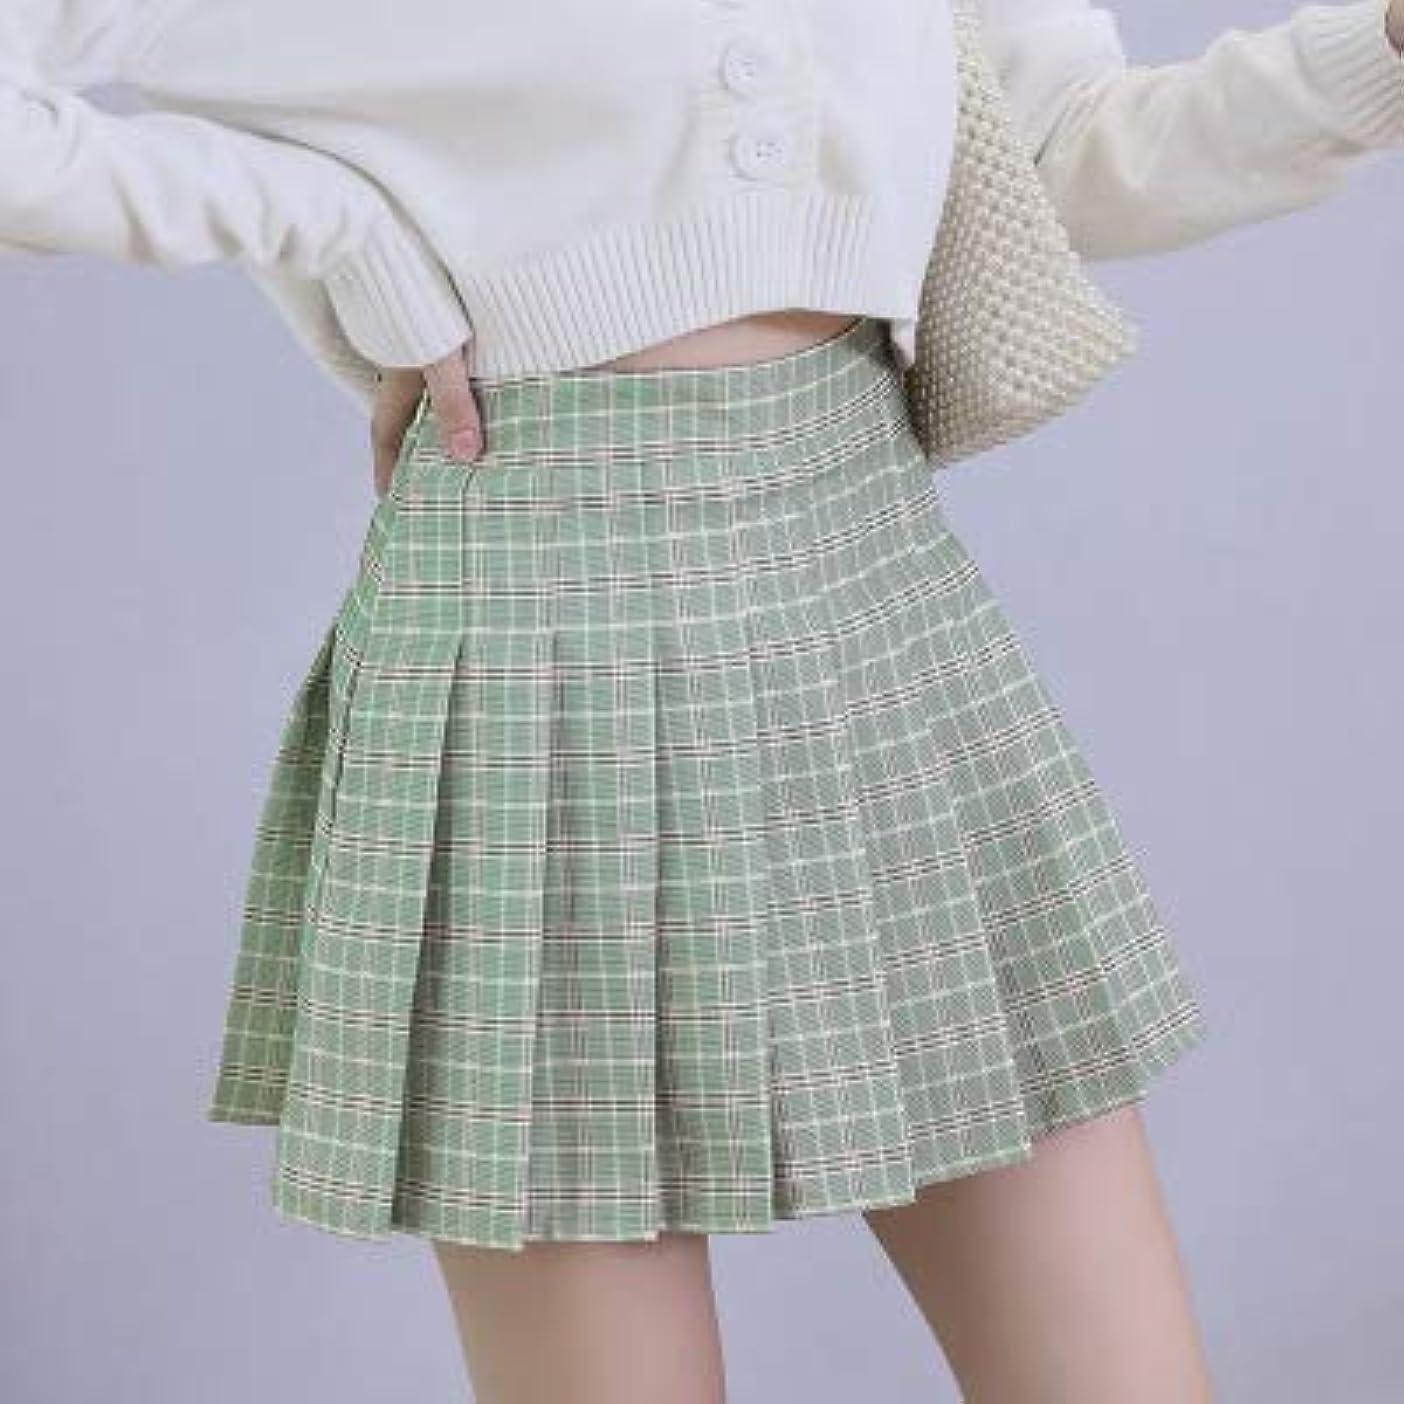 系譜割る本YMKCBB 短いスカート ショートスカートハイウエストミニレディーススカートカワイイピンクチェック柄プリーツテニスカジュアルスカートLグリーン